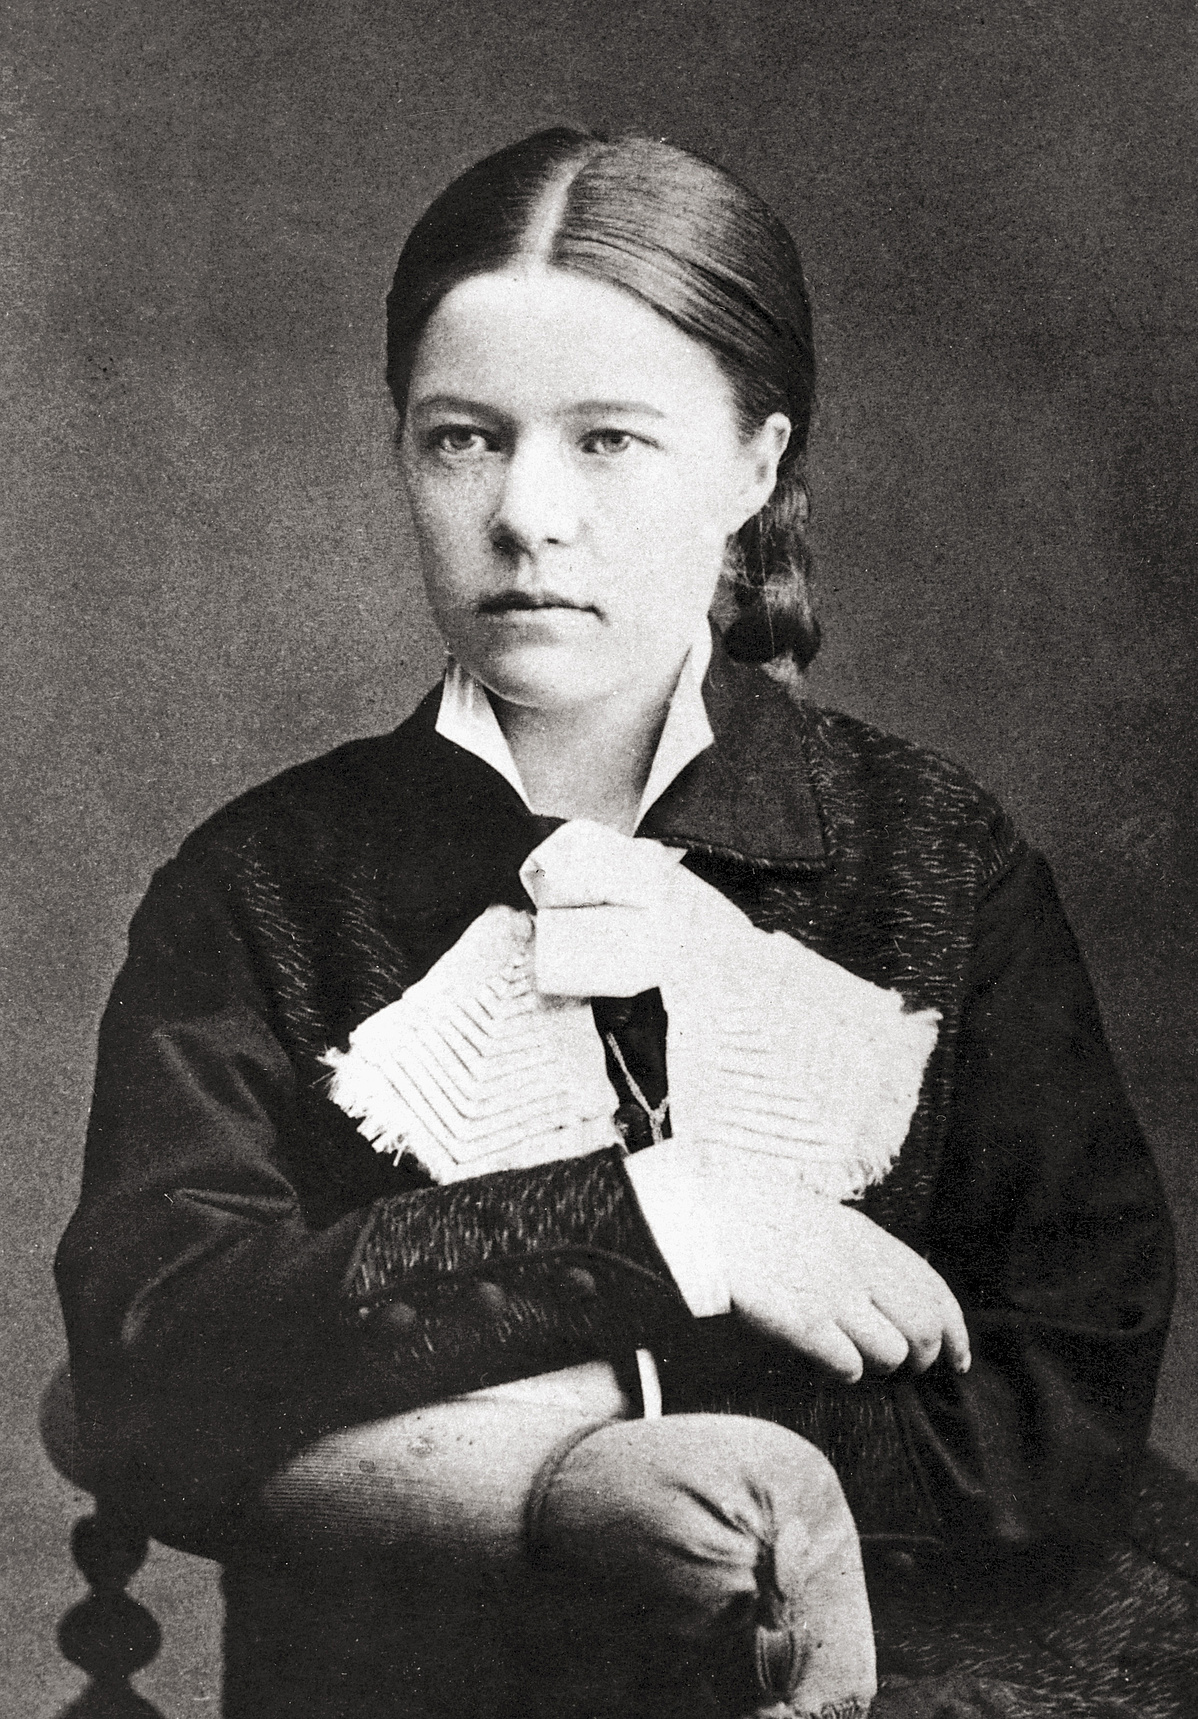 Anna_Ollson_-_Selma_Lagerlof_1881-170700.jpeg